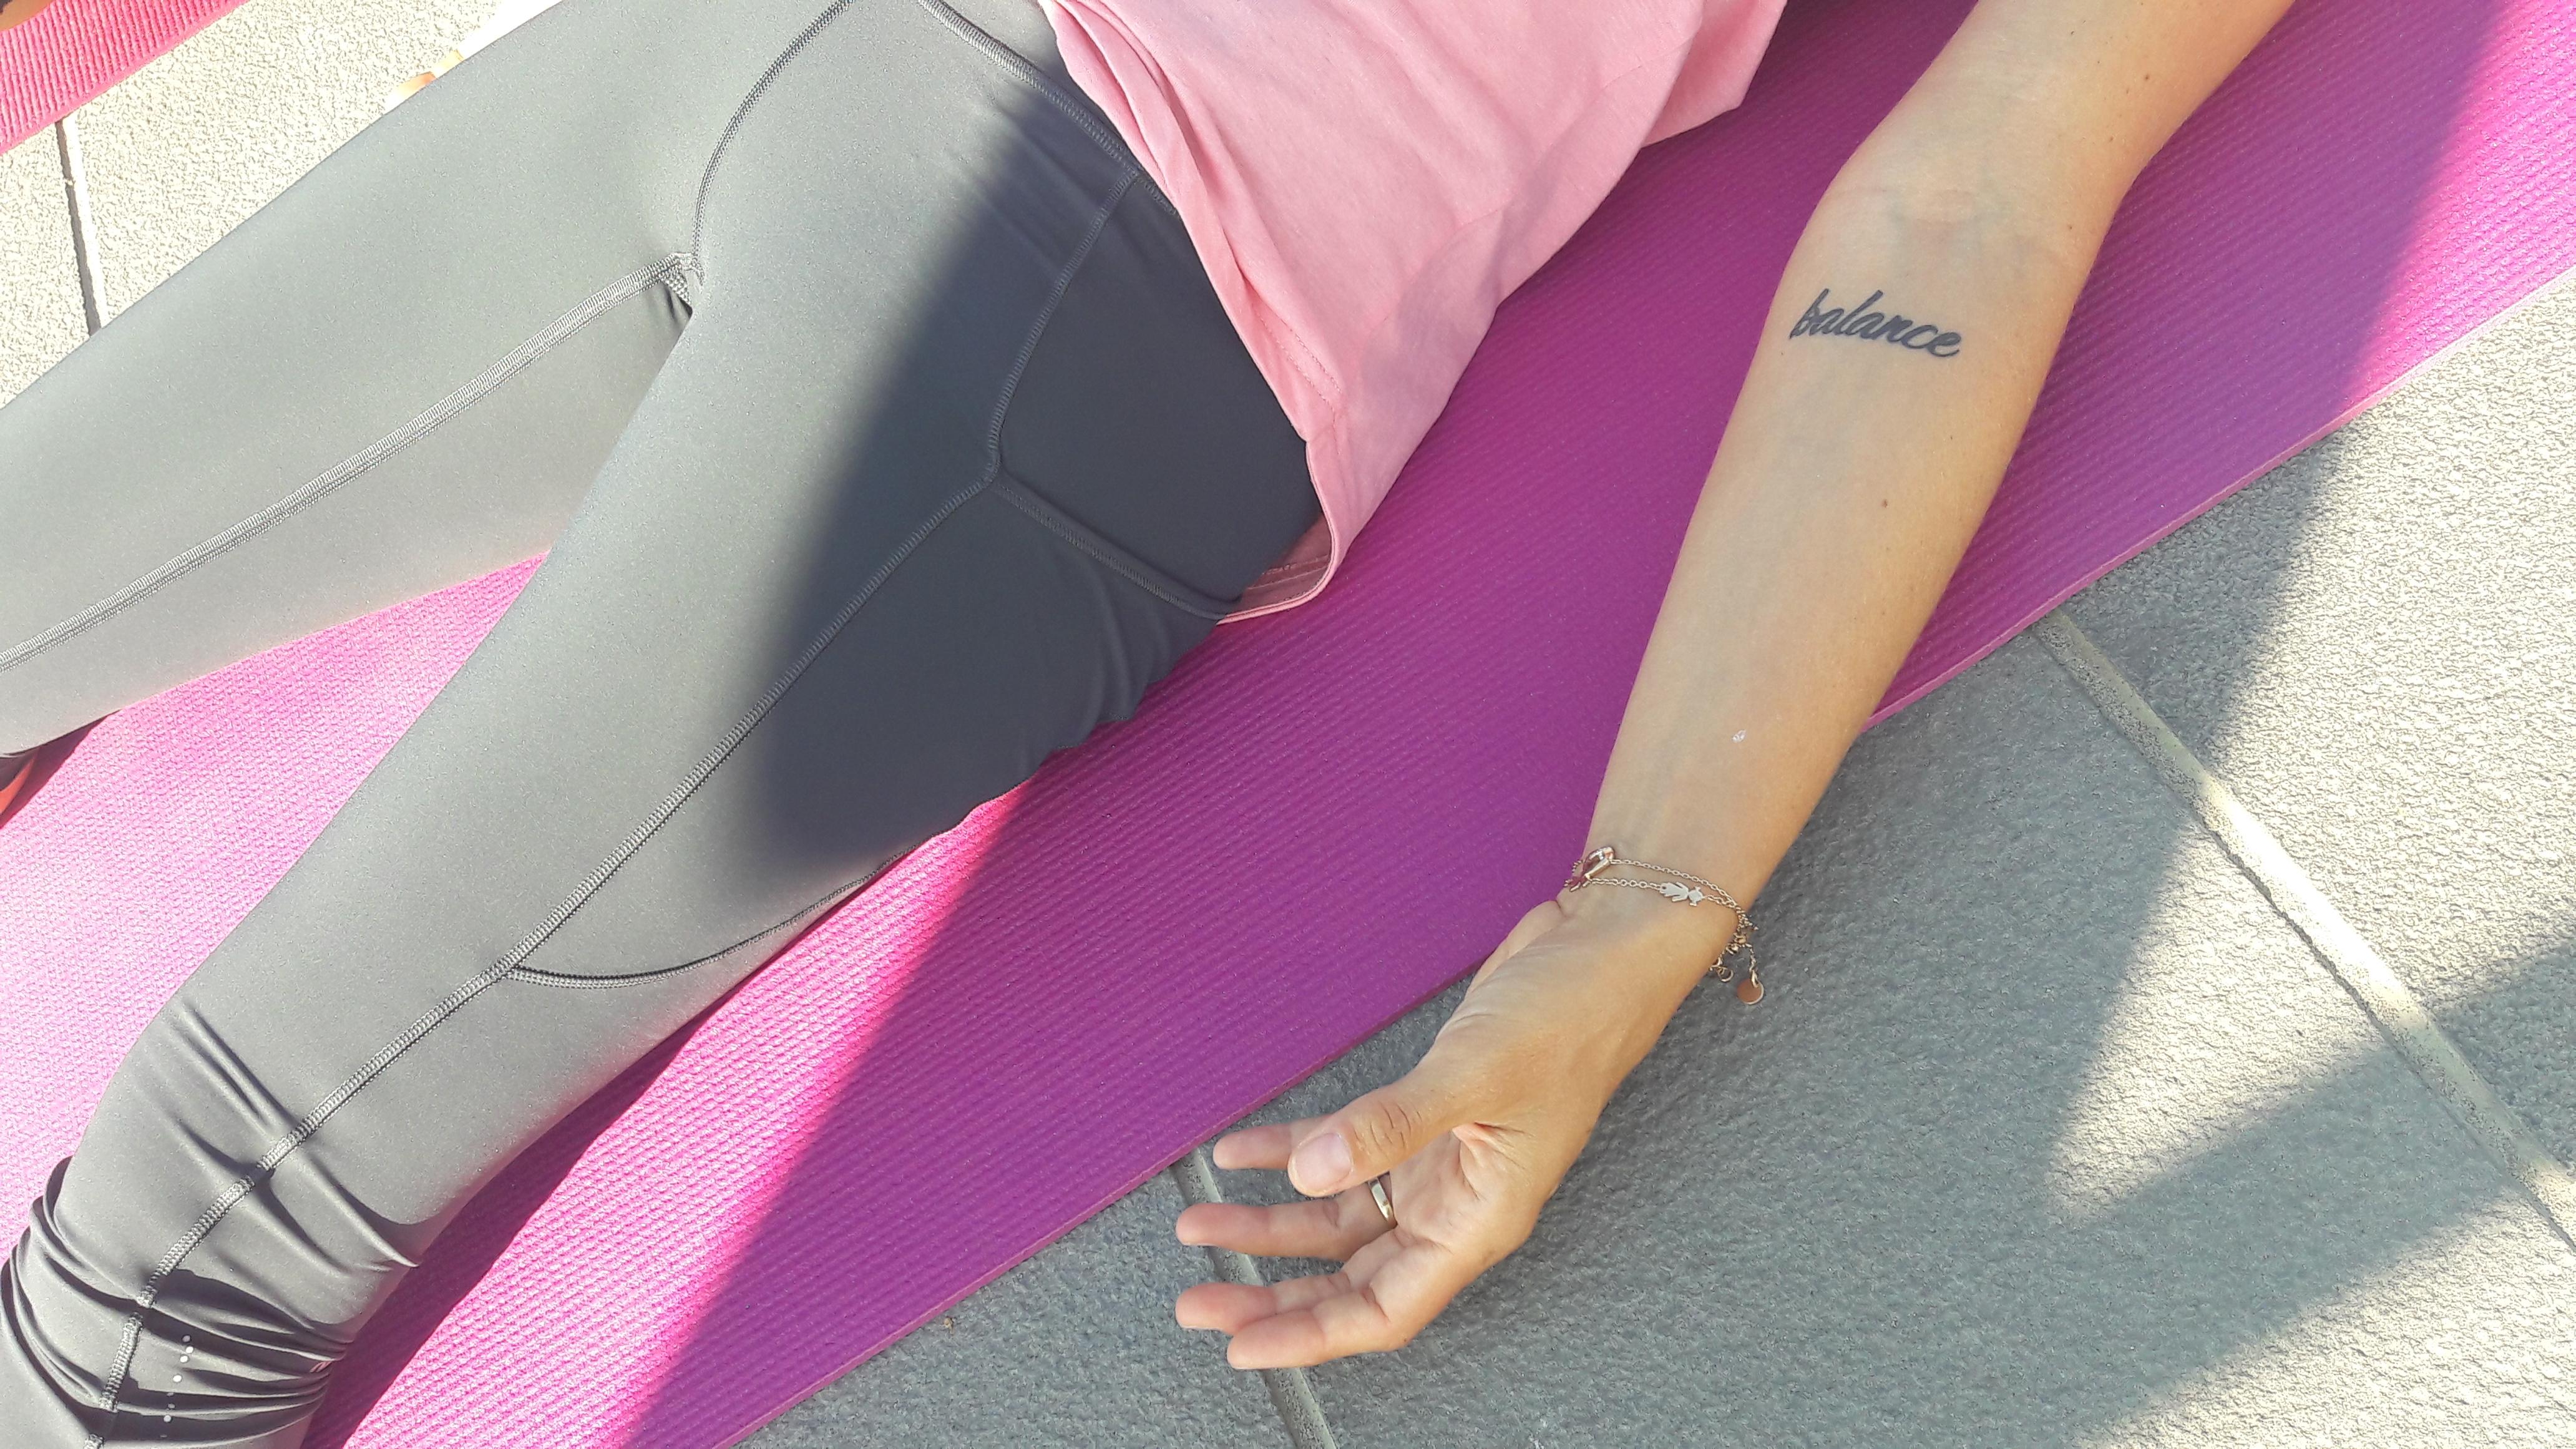 essere-free-yoga-gratuito-benessere-per-tutti-village-citta-alassio-estate-lucia-ragazzi-summer-town-wellness-049